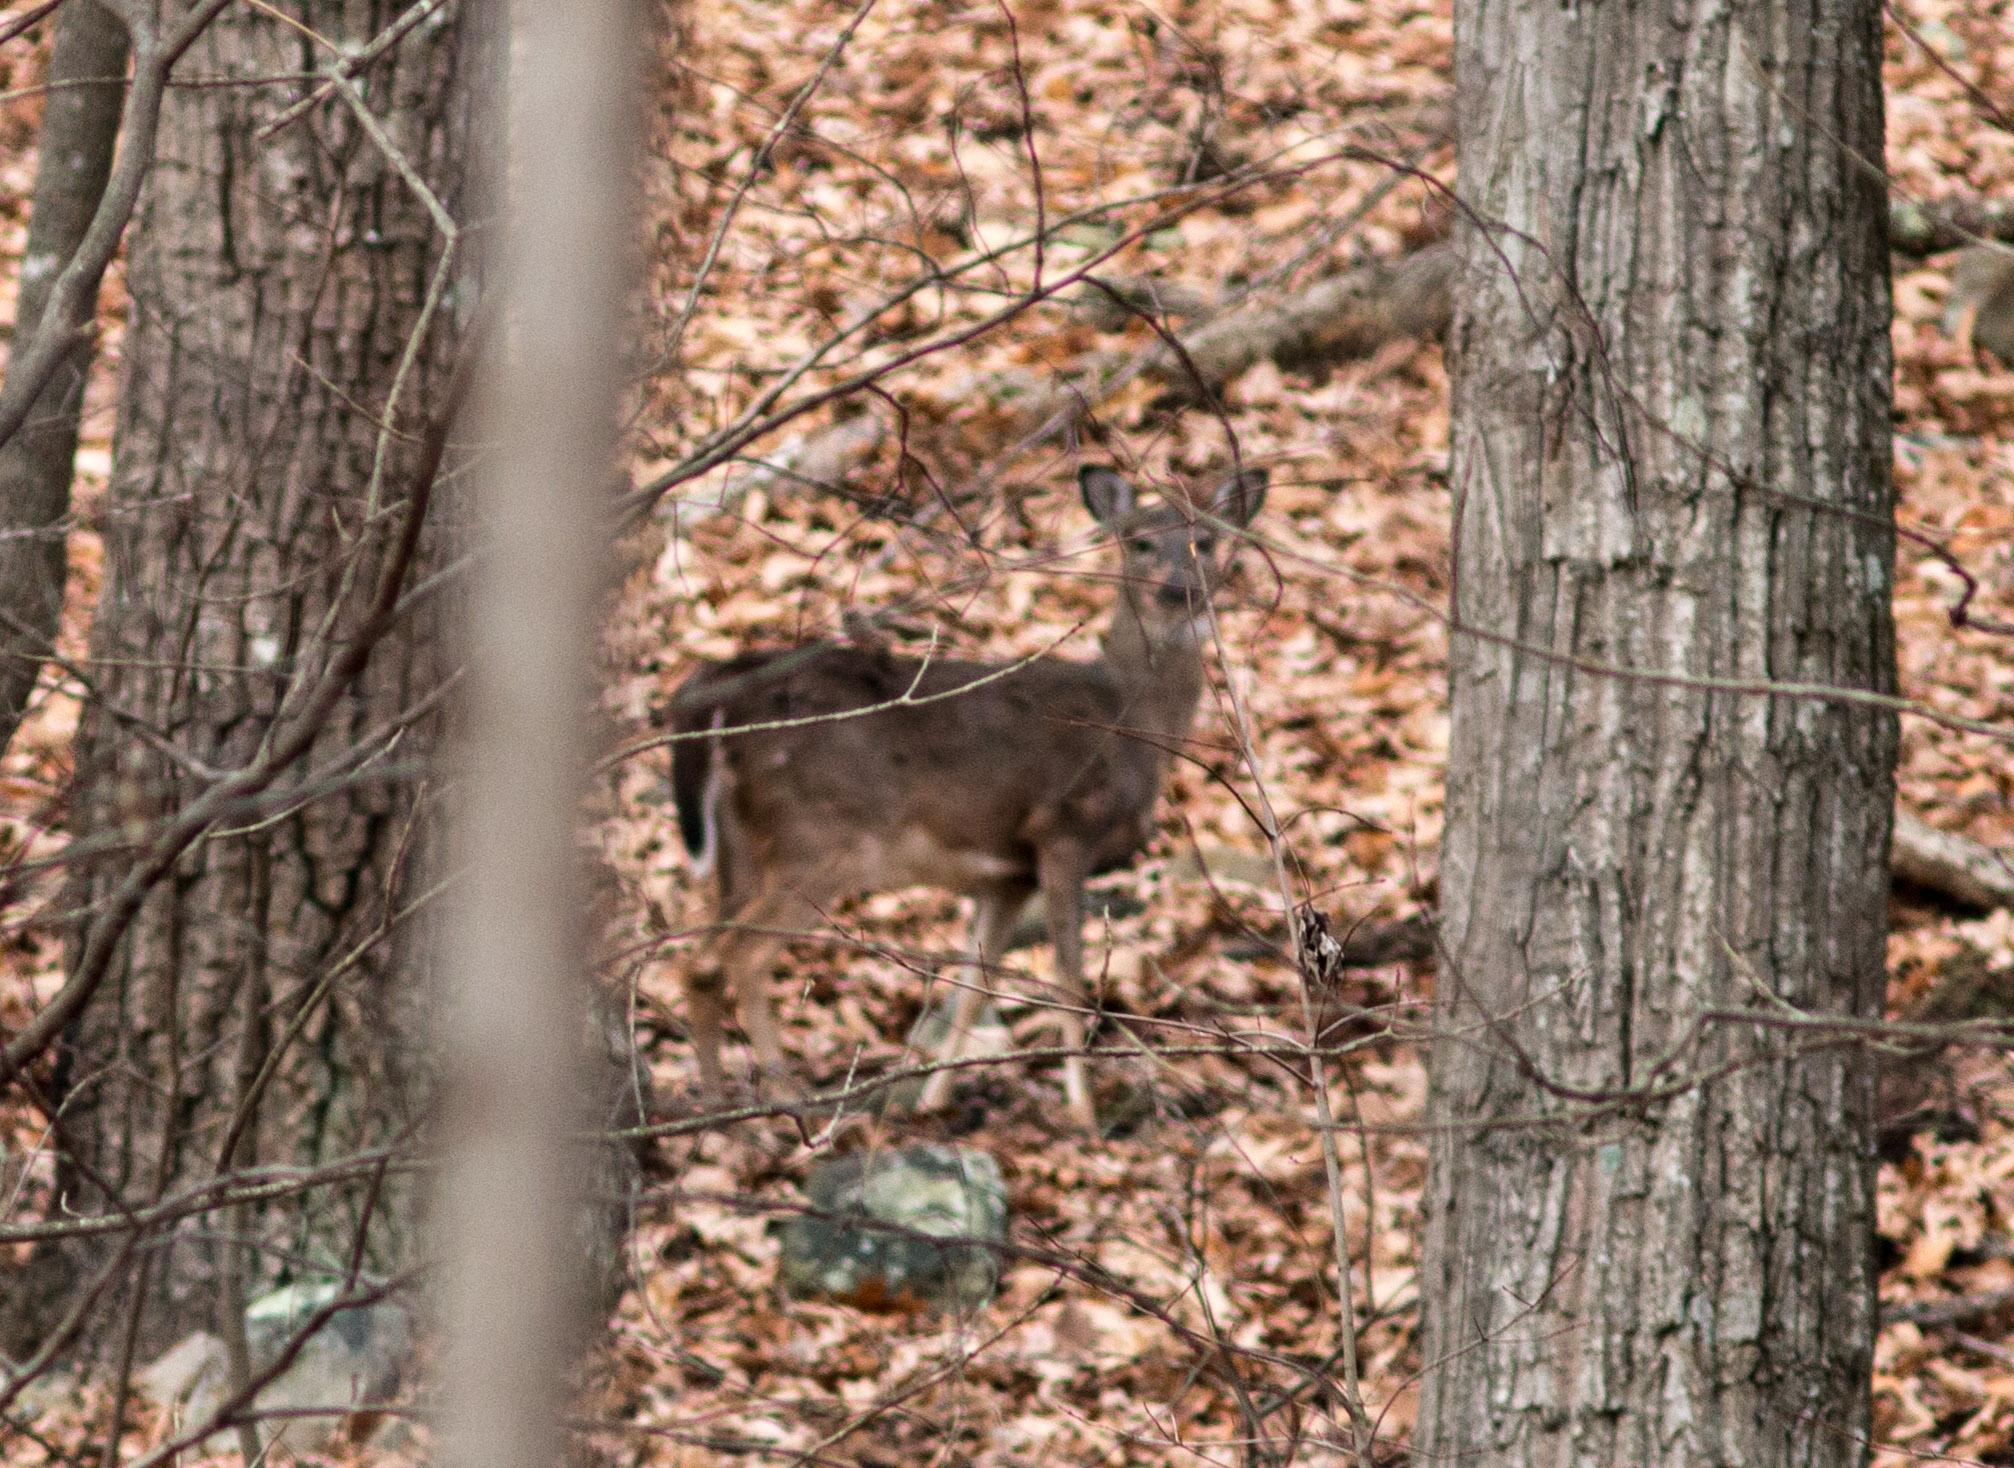 boss video cuddeback deer cameras feeder scouting buck galleries gallery photo feeders